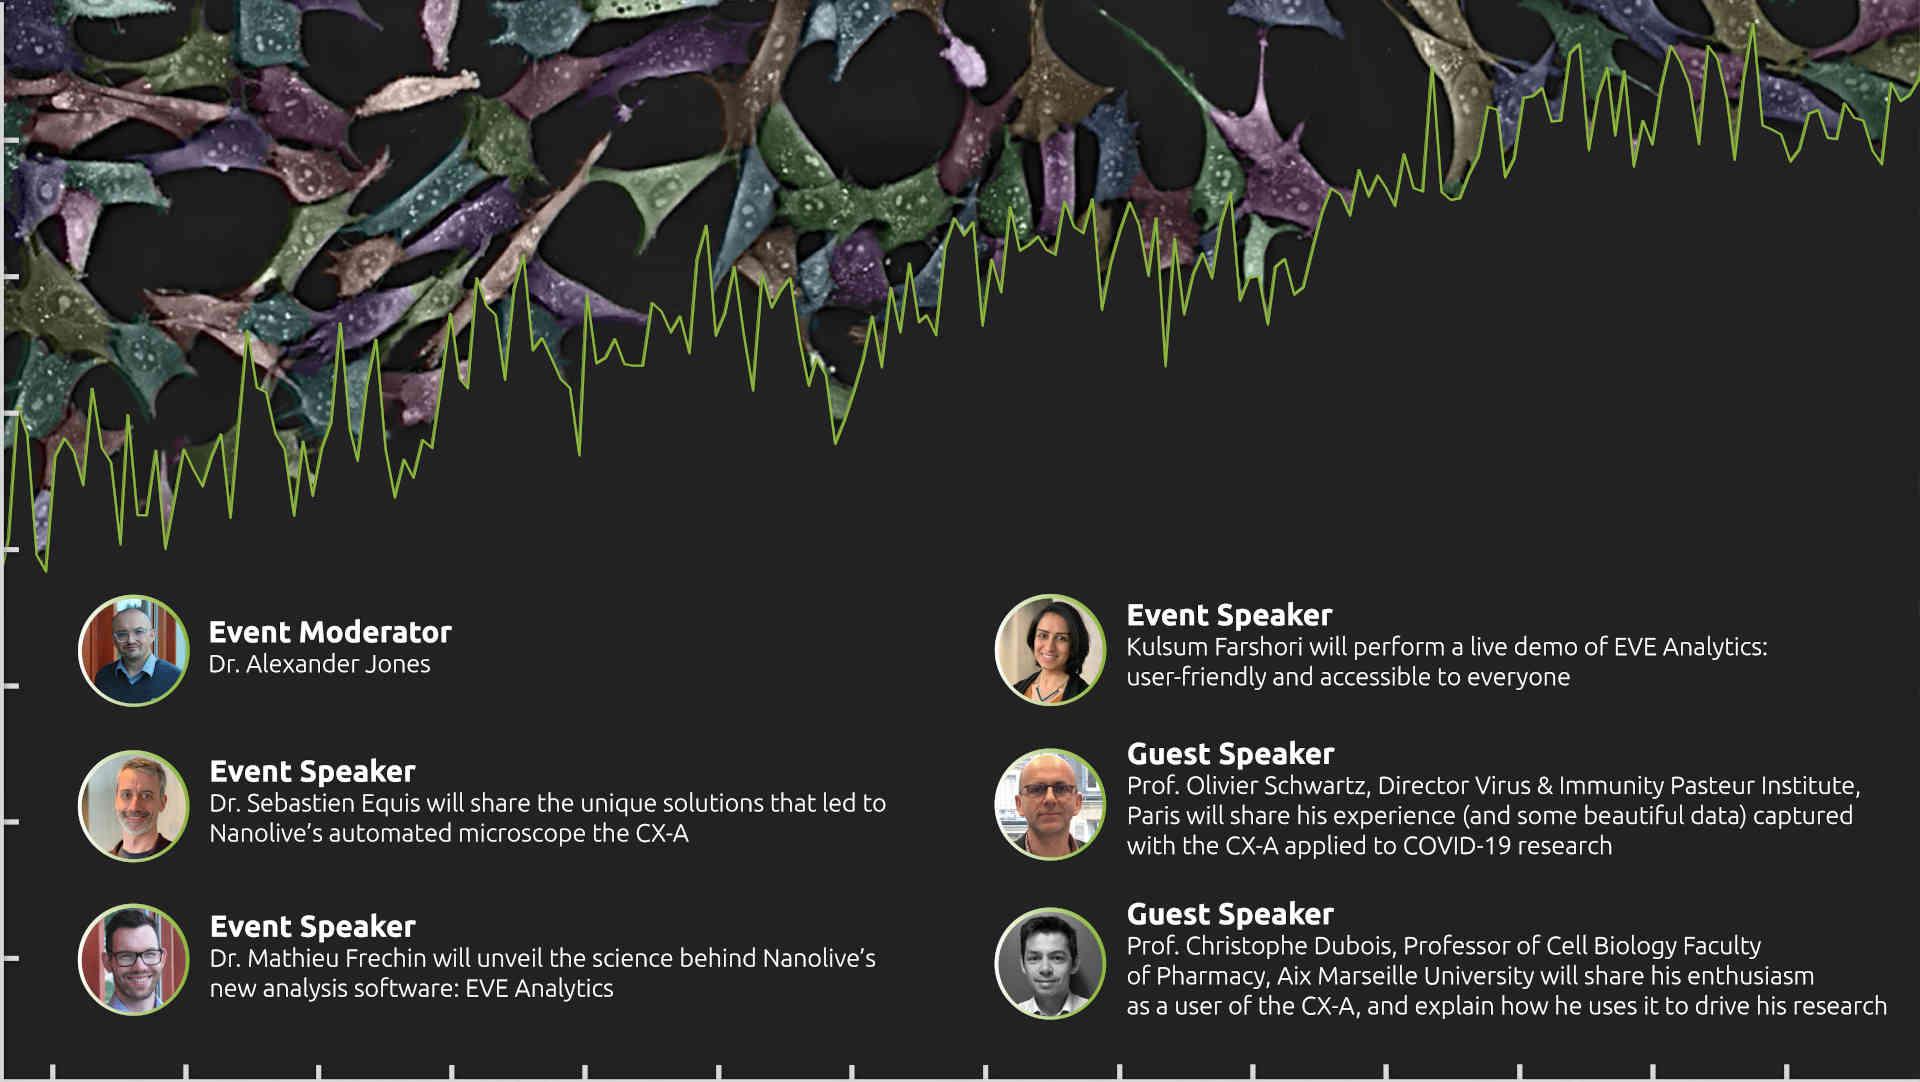 Speakers EVE Analytics Launch Event